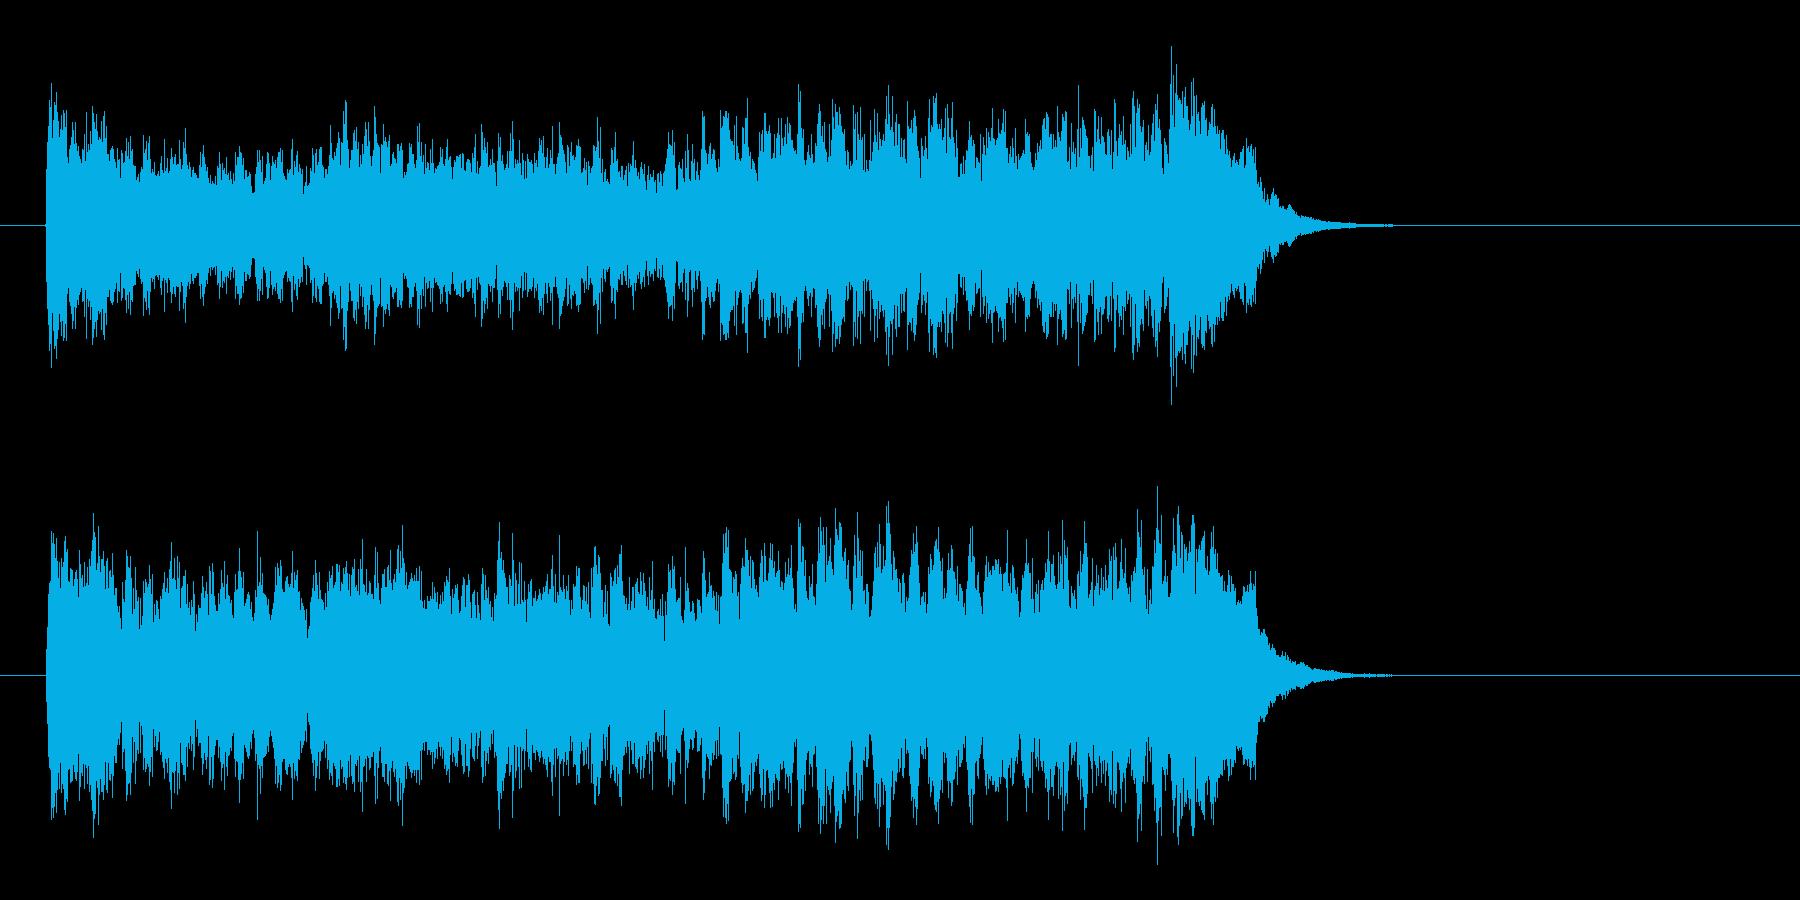 壮大な映画風オーケストラ(サビ)の再生済みの波形